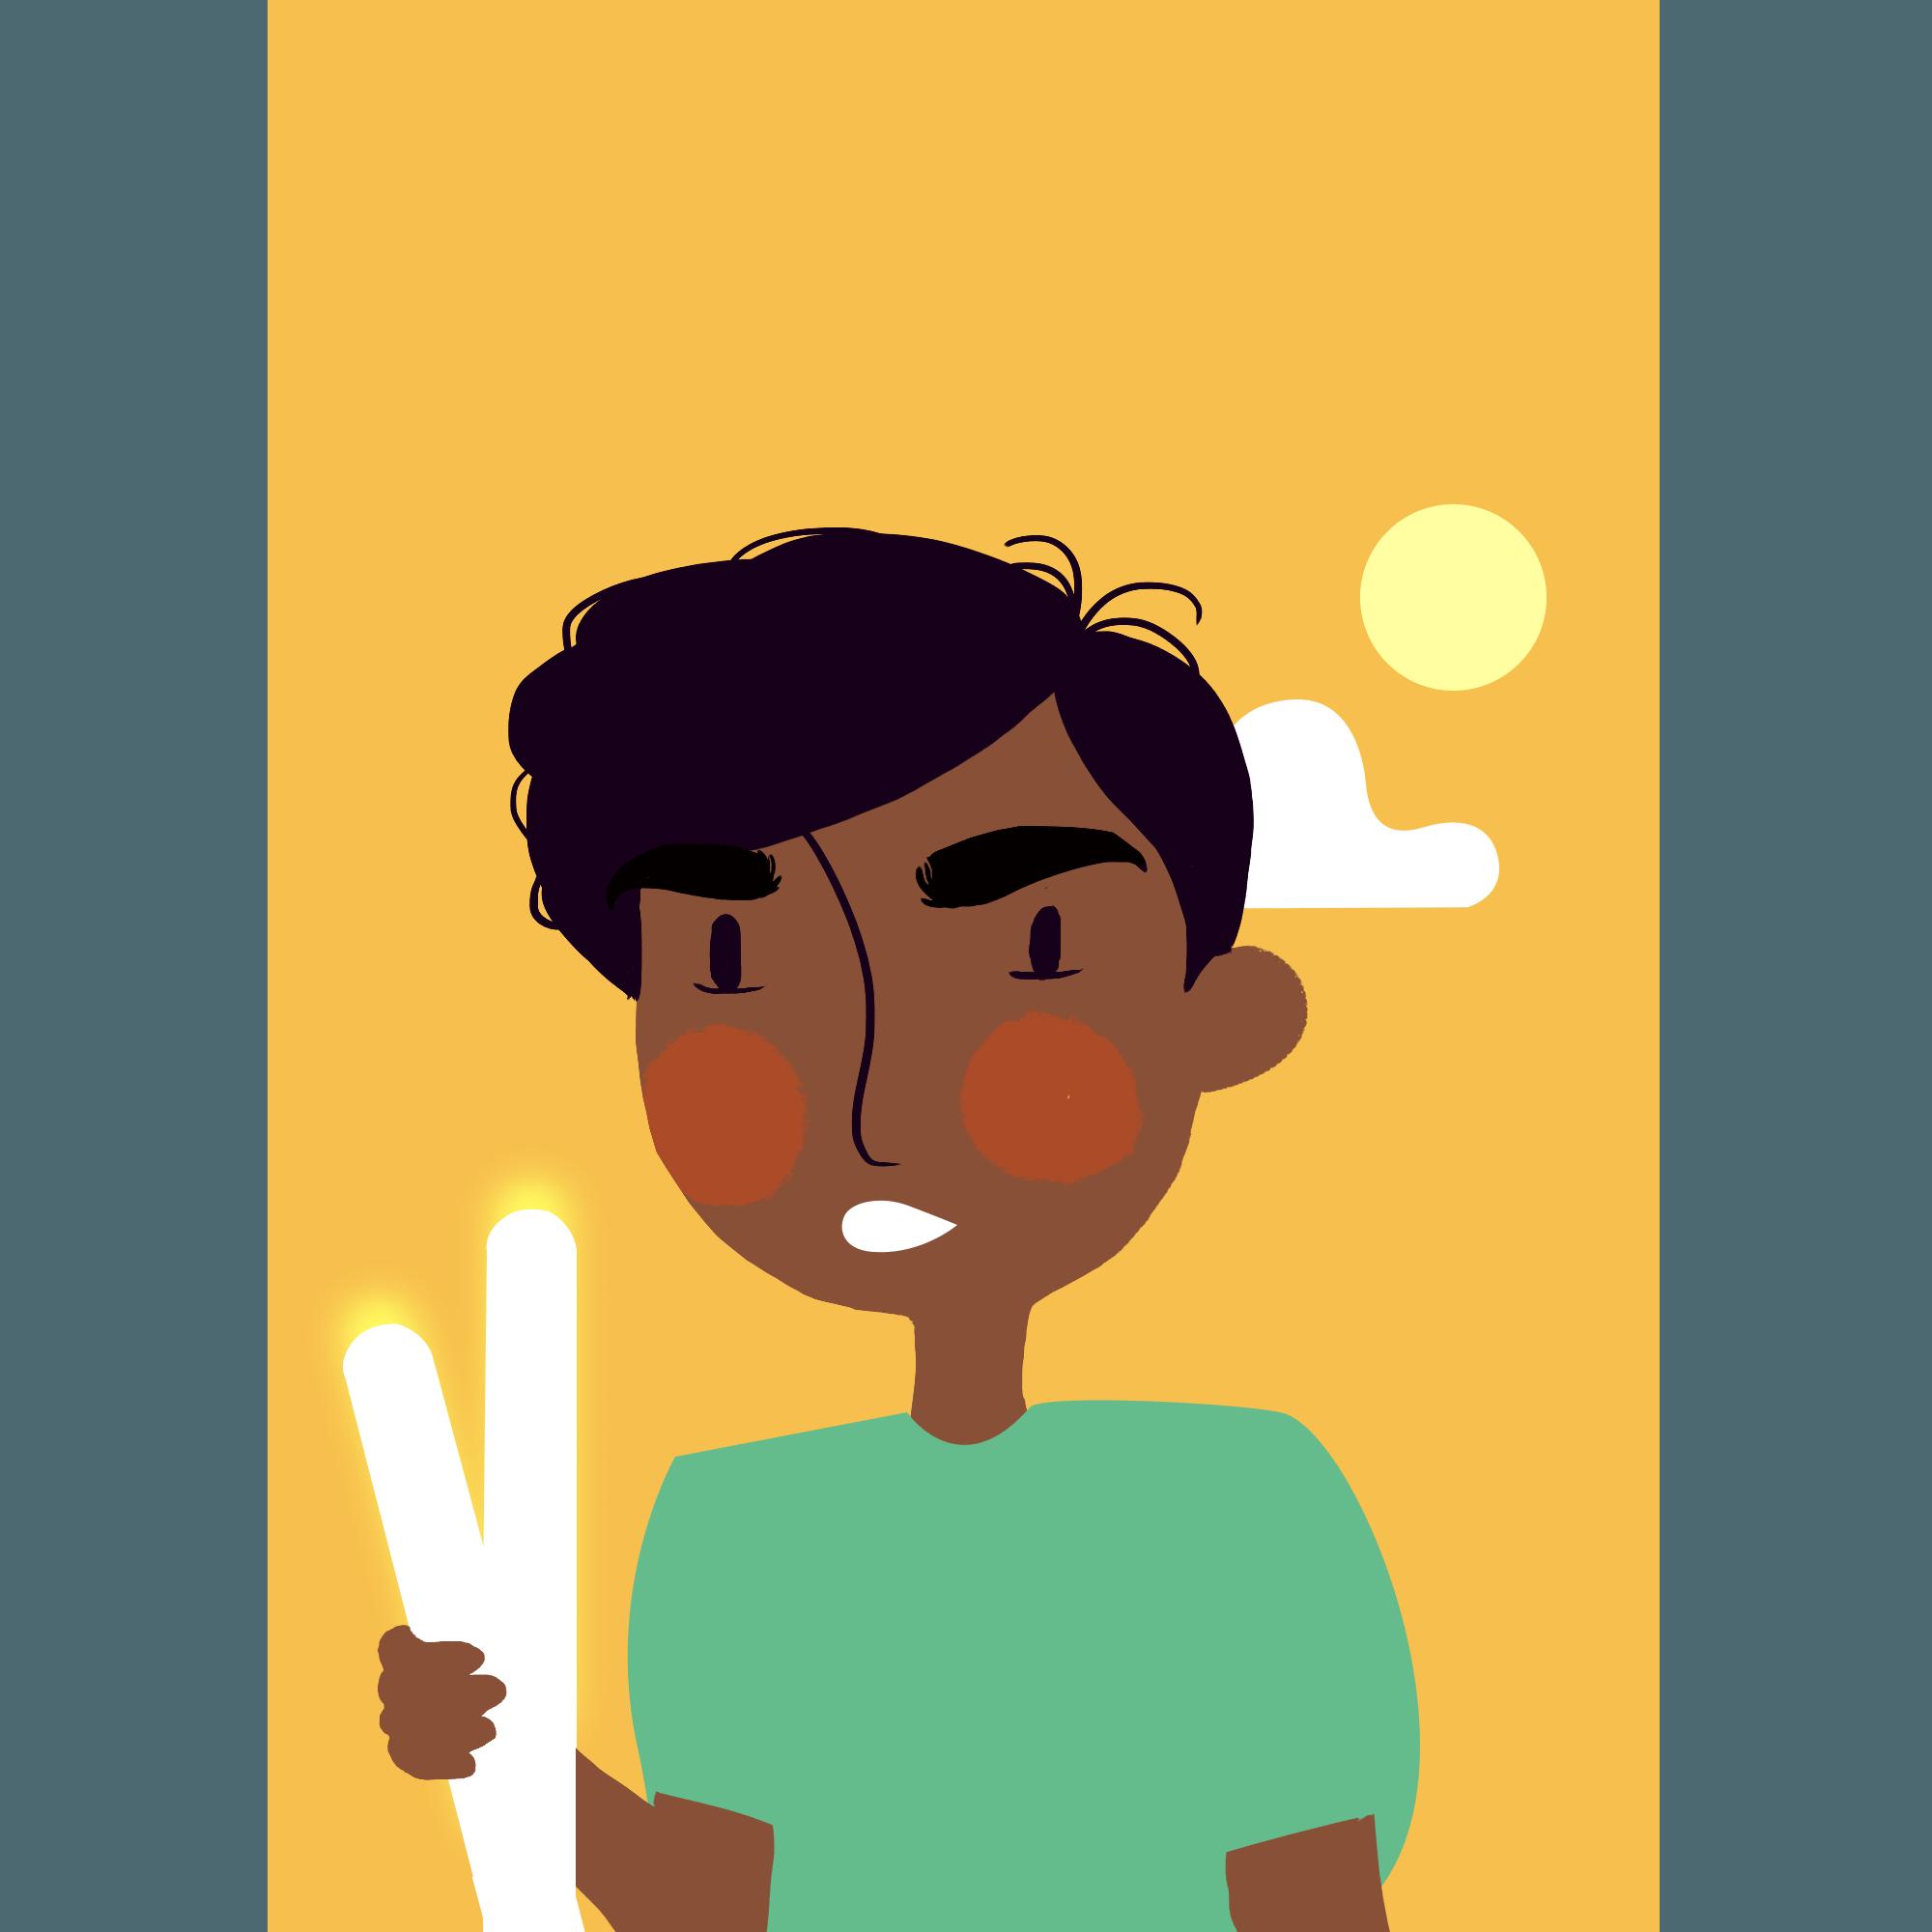 Fabrique des bâtons lumineux